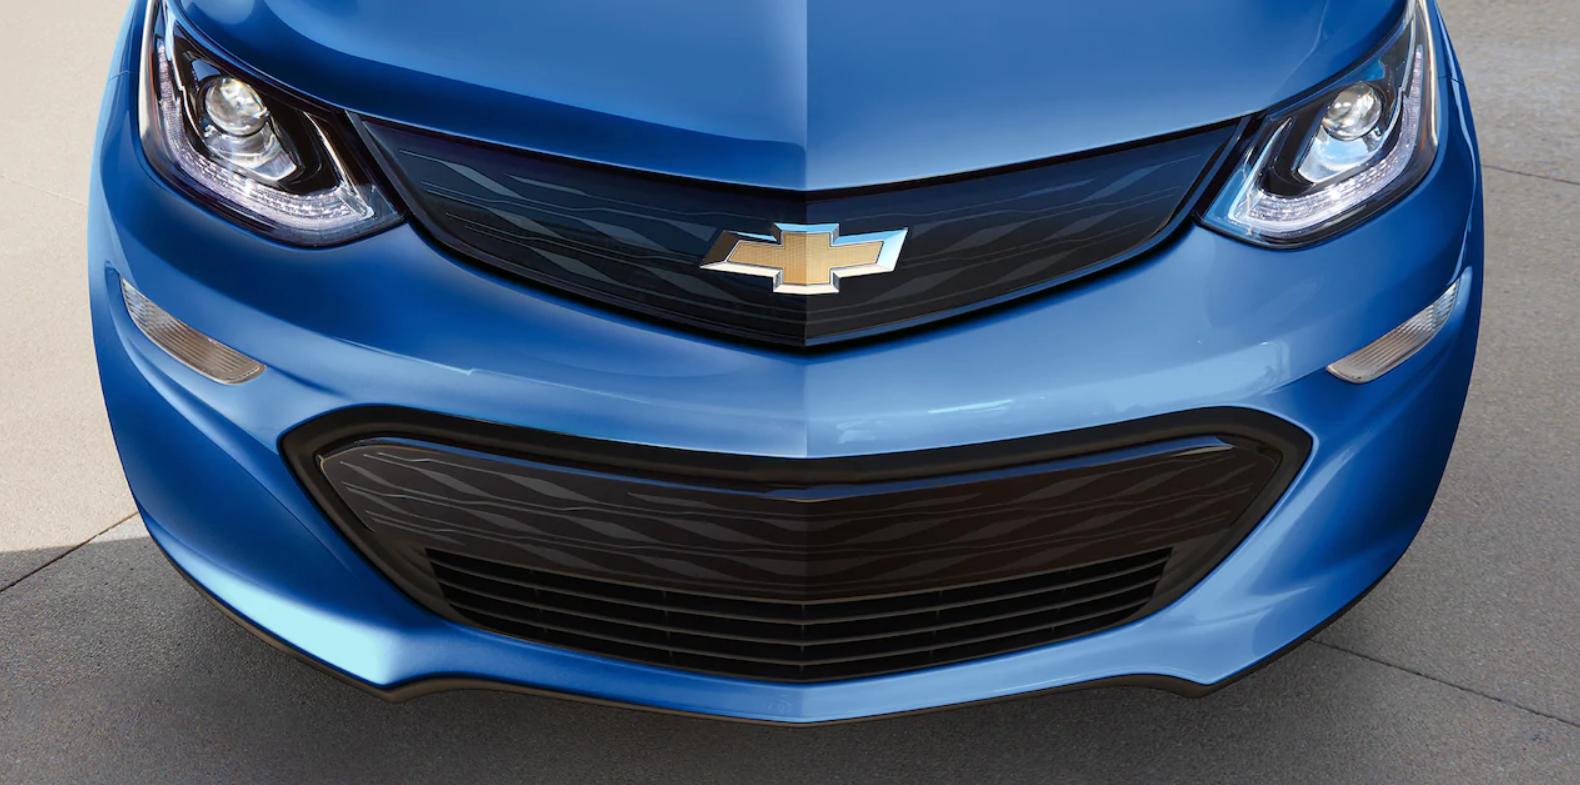 Chevrolet Bolt EV 2019 frontal